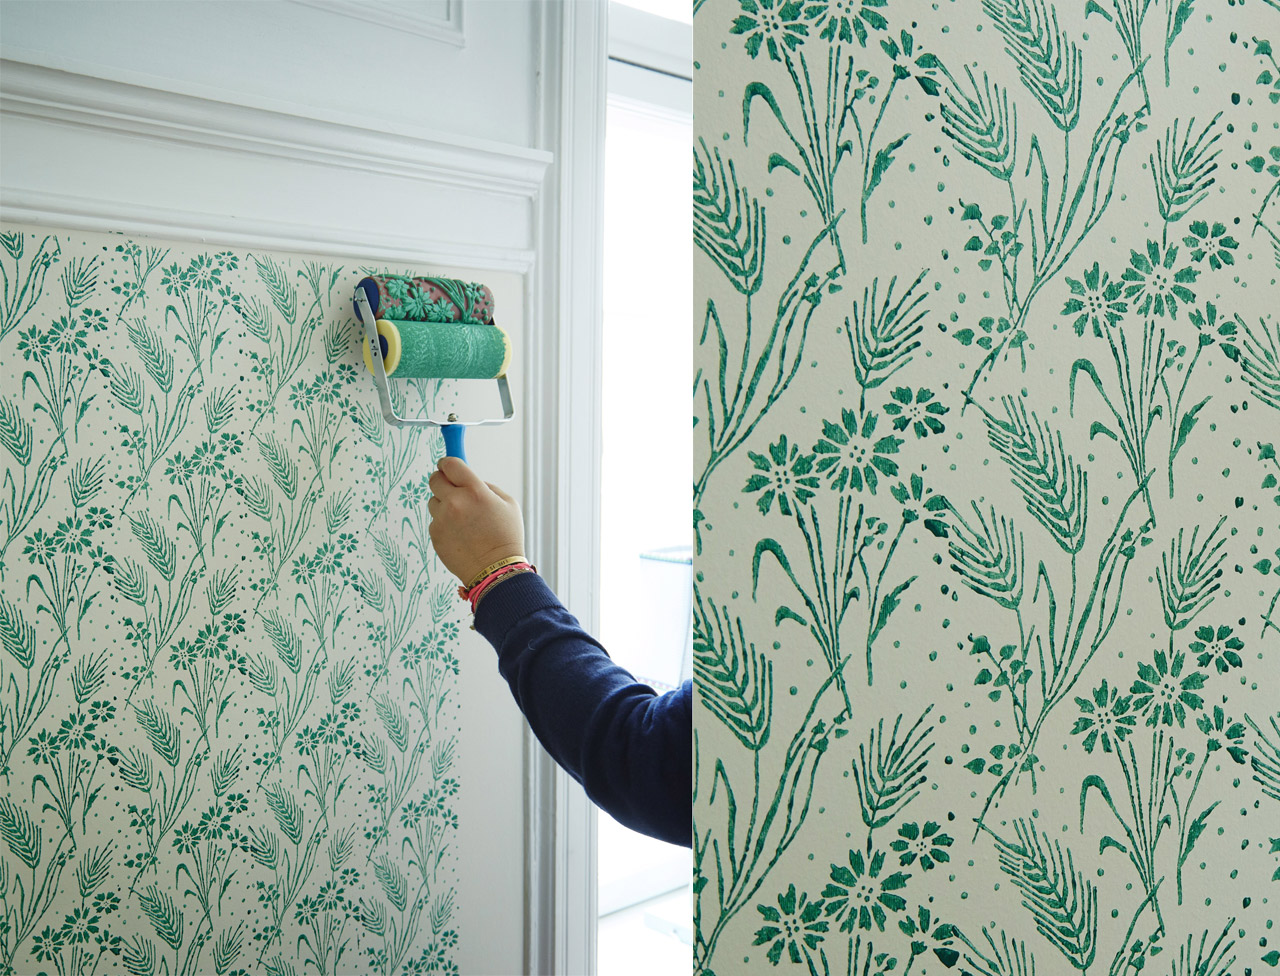 Покраска стен фигурным валиком в бирюзовый цвет